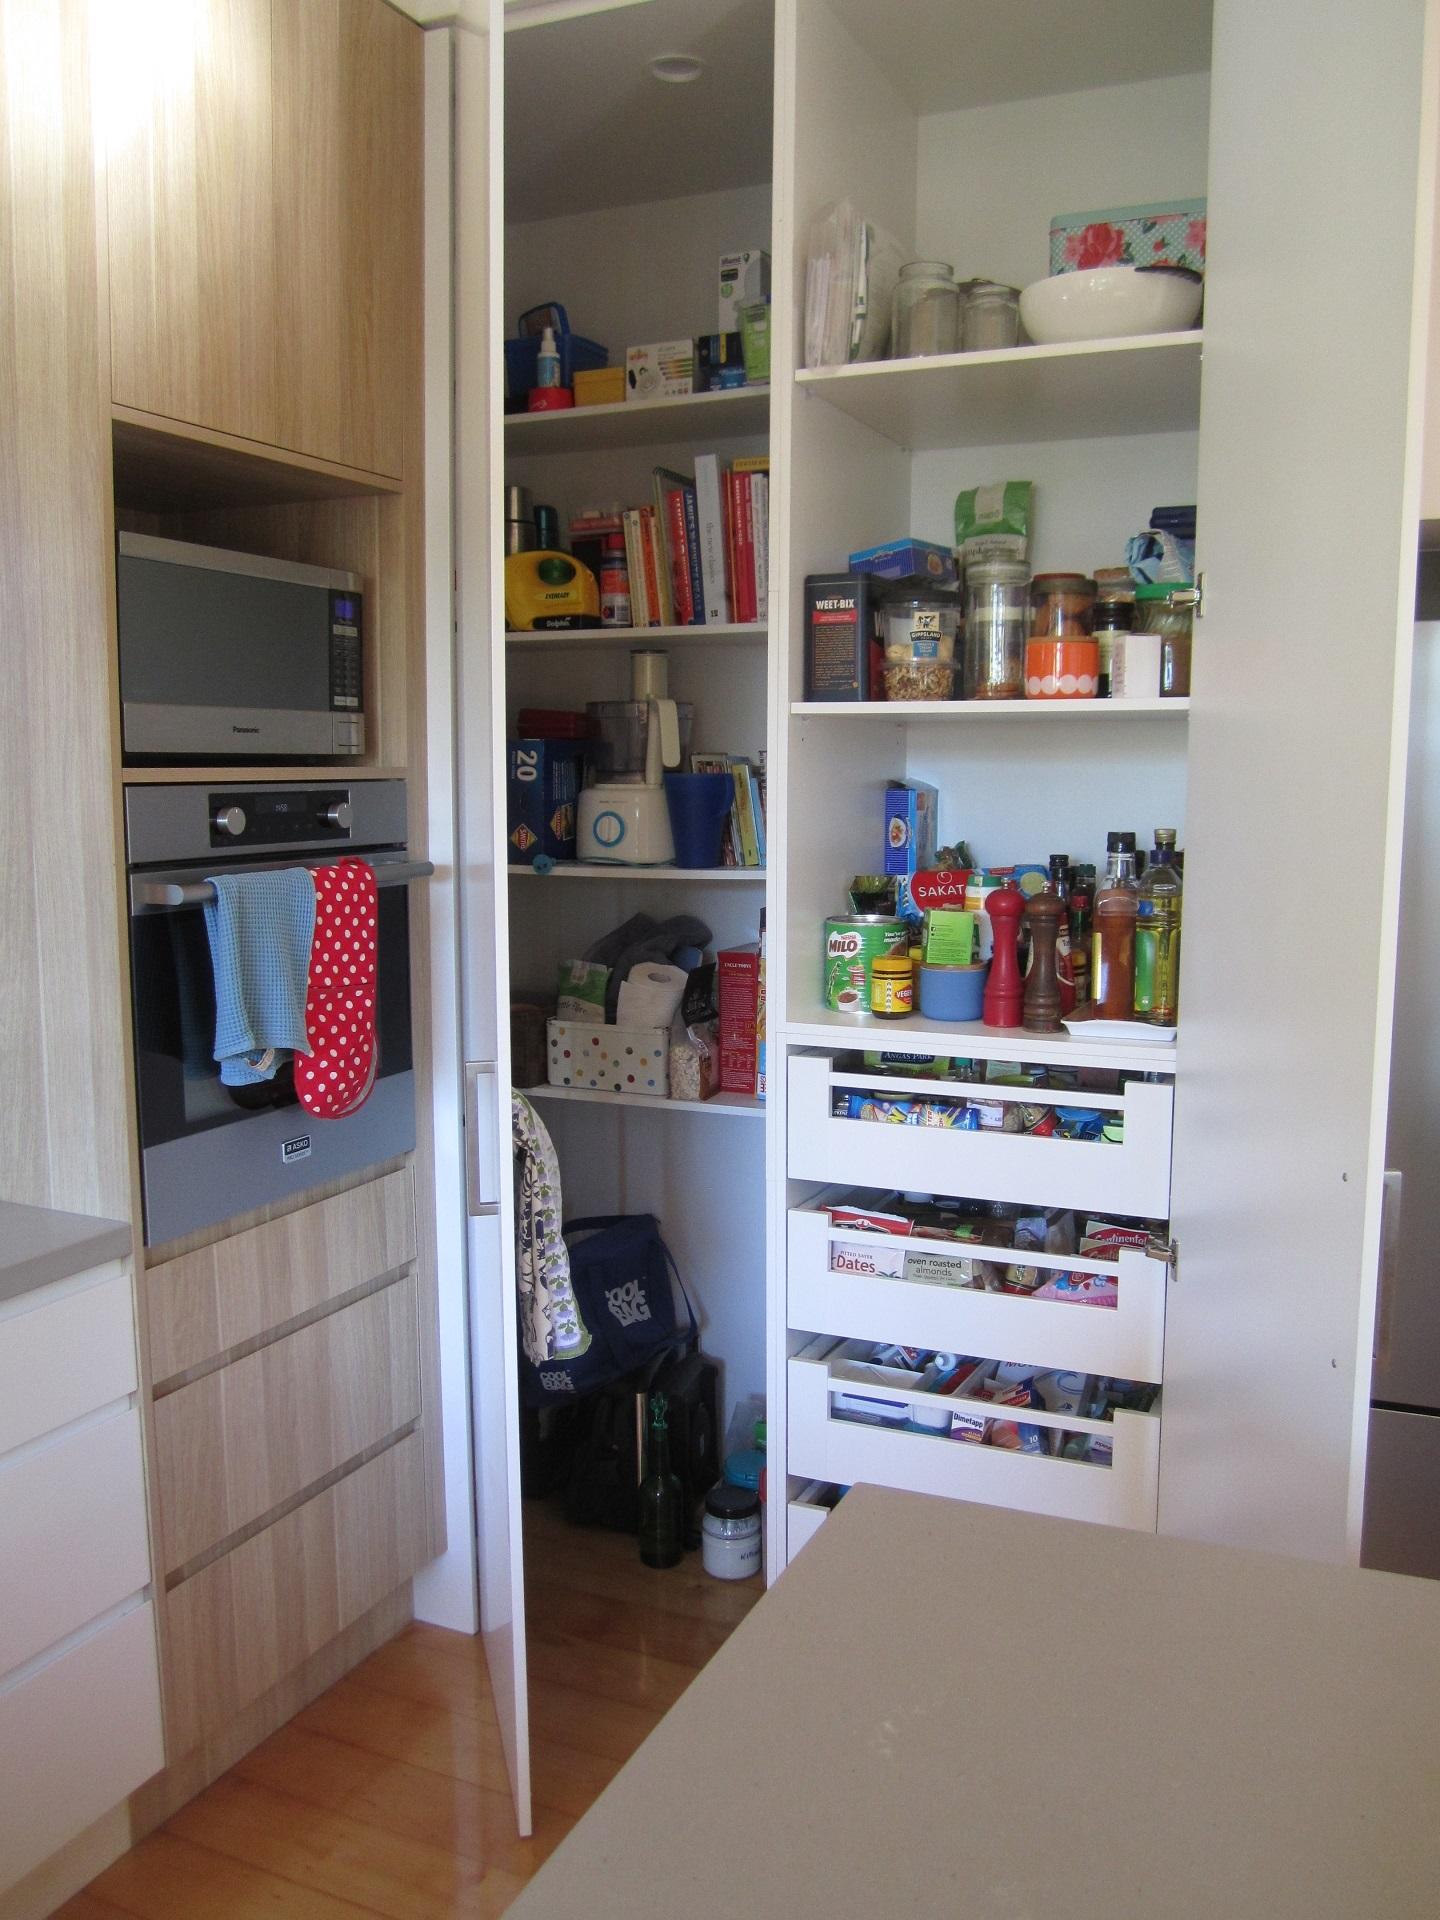 Brisbane Kitchen Design Sherwood Contemporary Kitchen Corner Pantry with Blum Inner Drawers 8